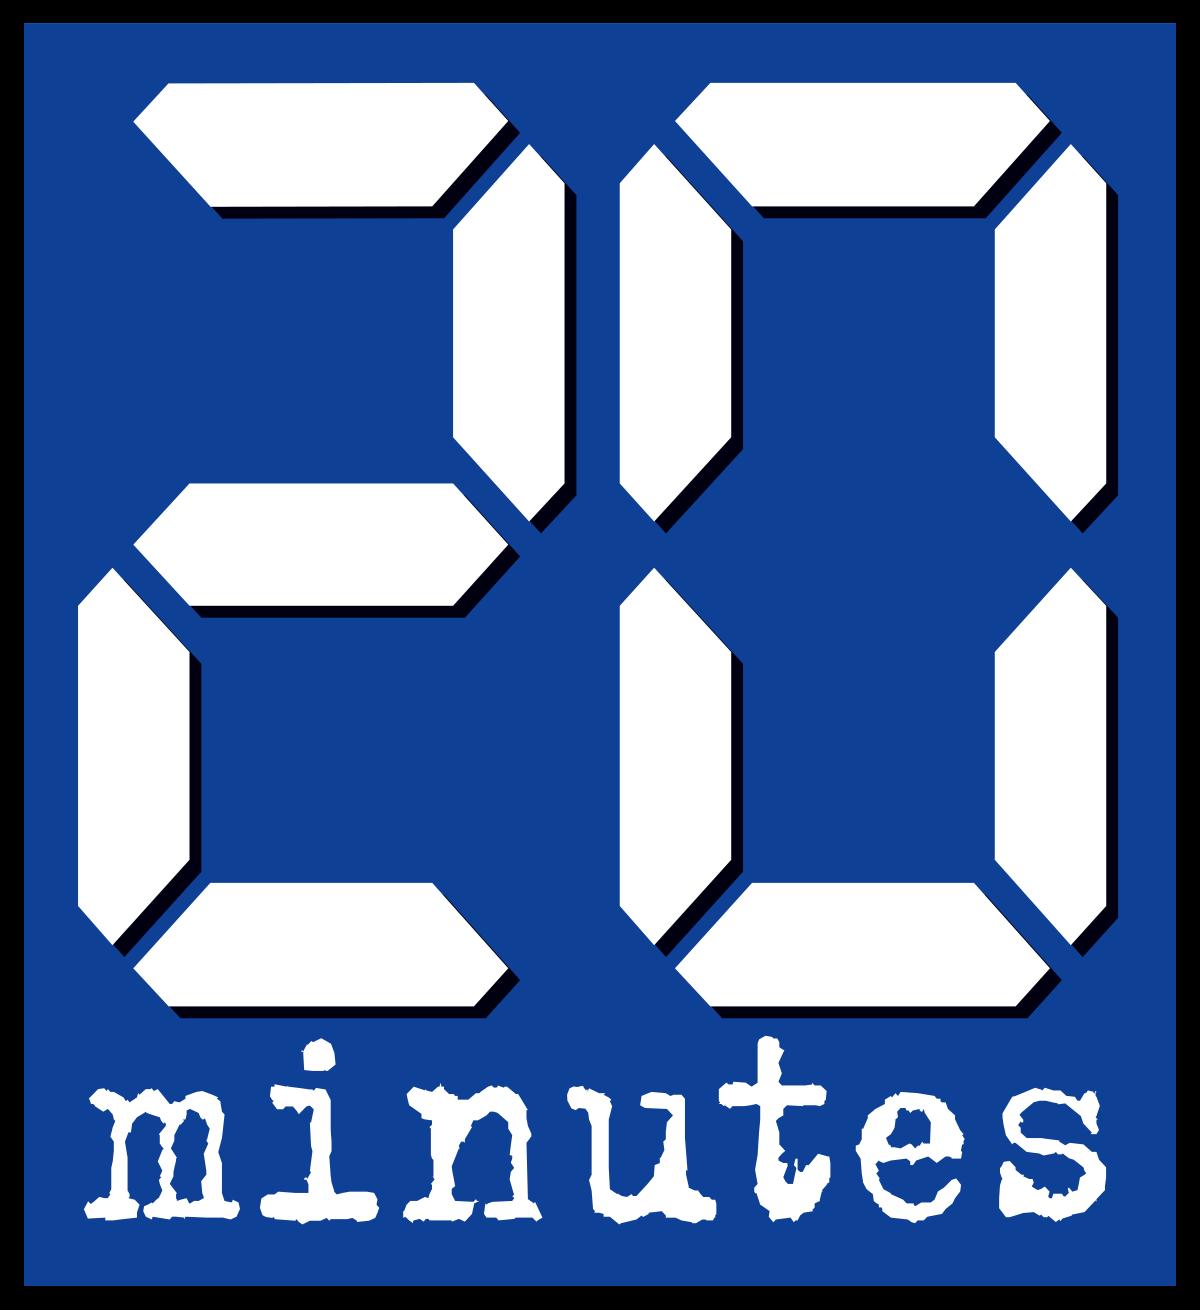 Approcher le service client 20 Minutes